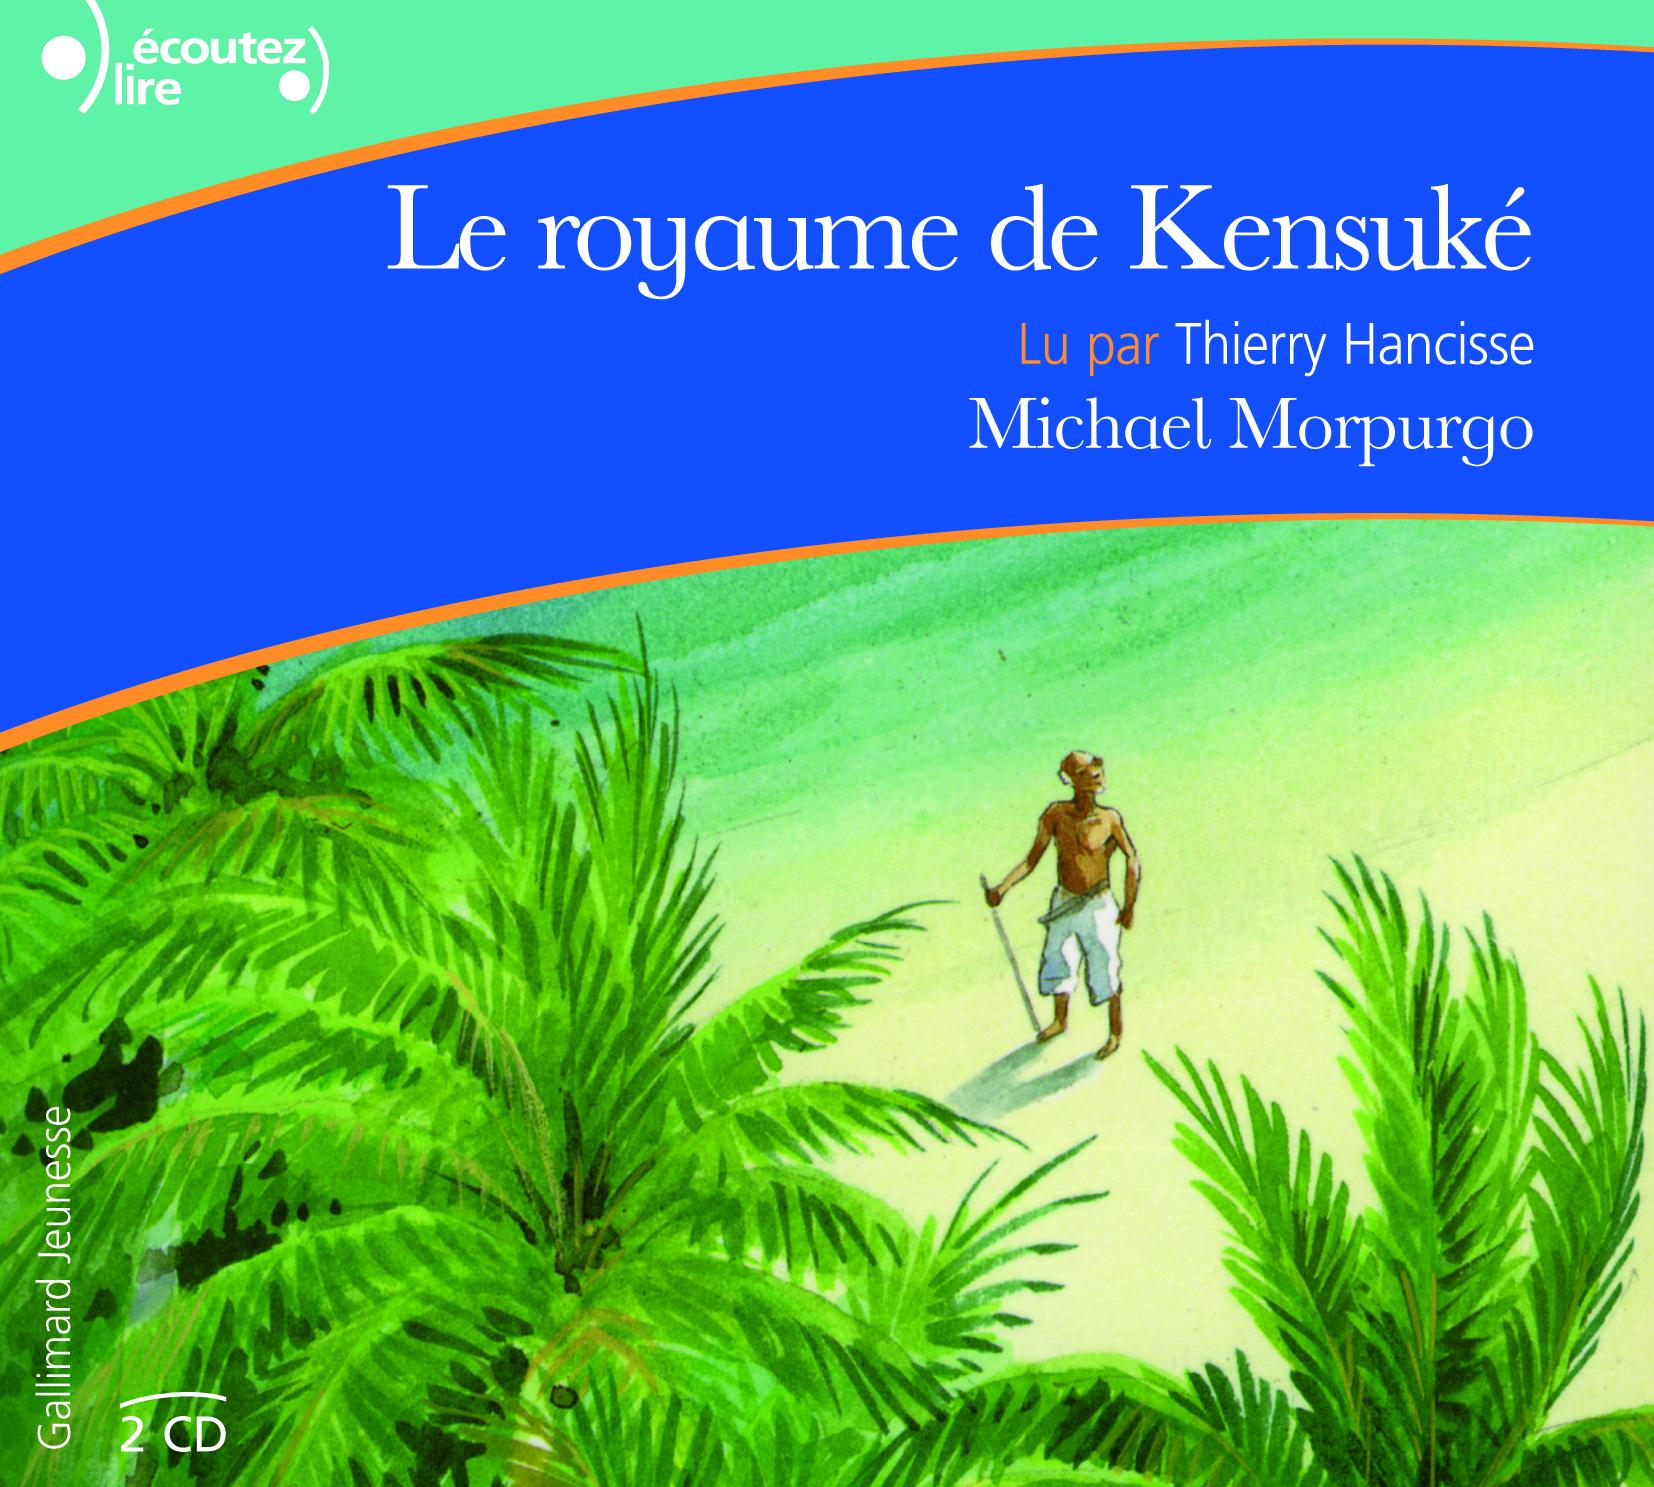 Le Royaume De Kensuke Ecoutez Lire Gallimard Jeunesse Site